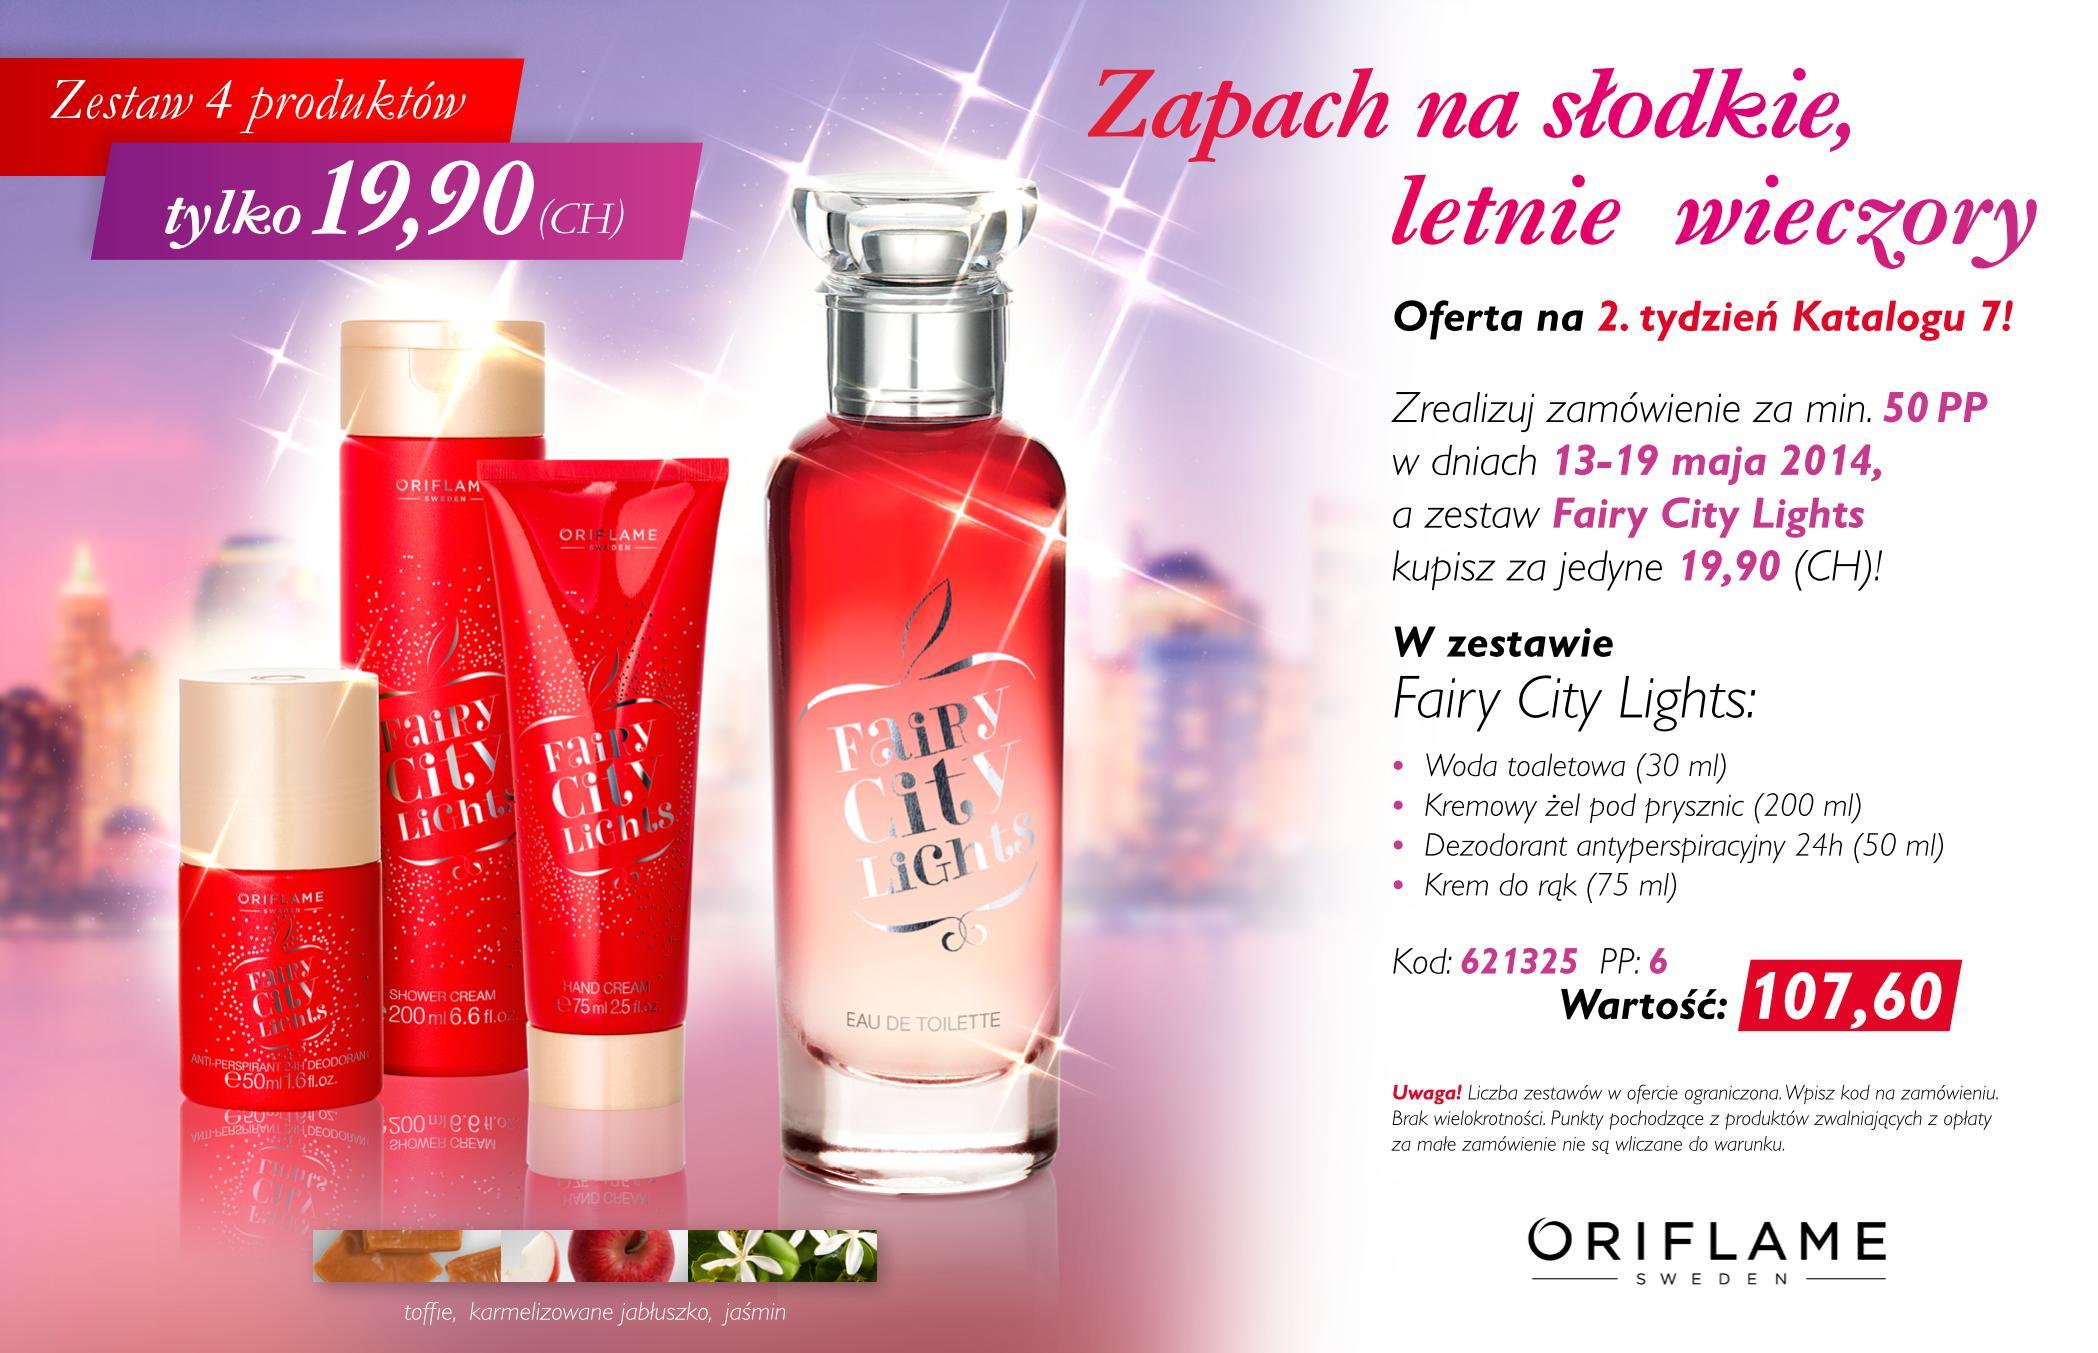 Katalog Oriflame 7 2014 oferta na 2 tydzień